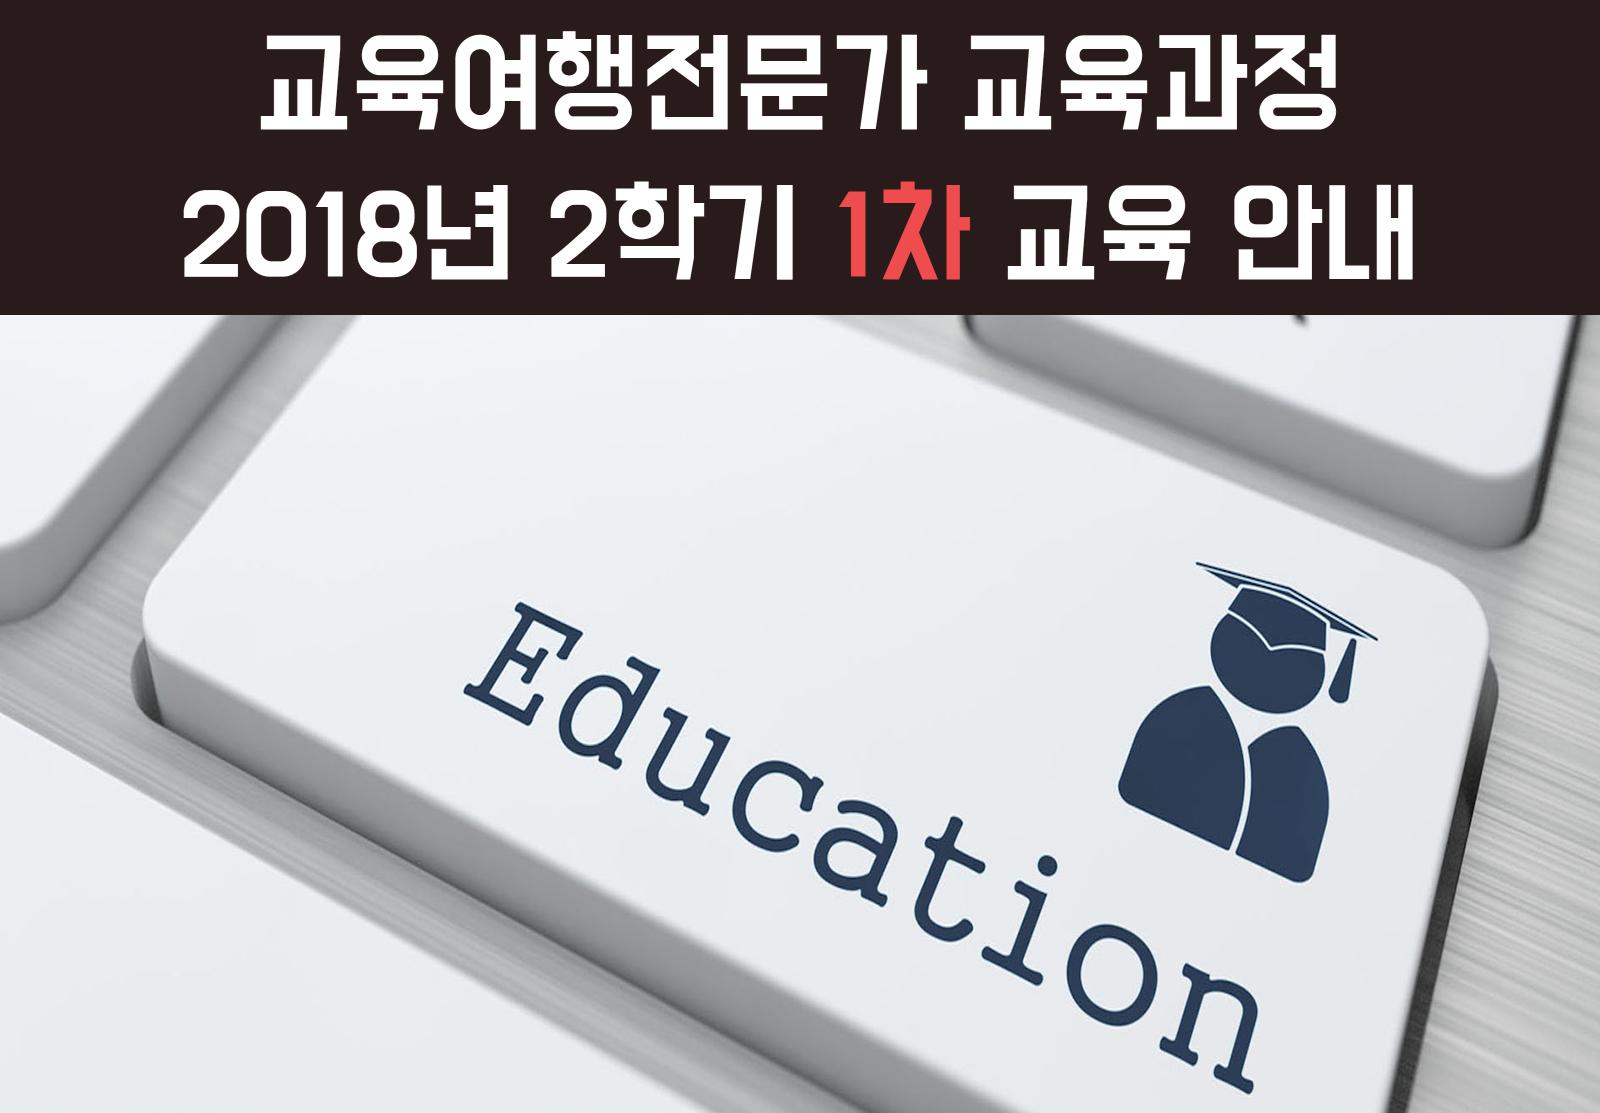 교육여행전문가_1차교육과정_메인(11월).jpg